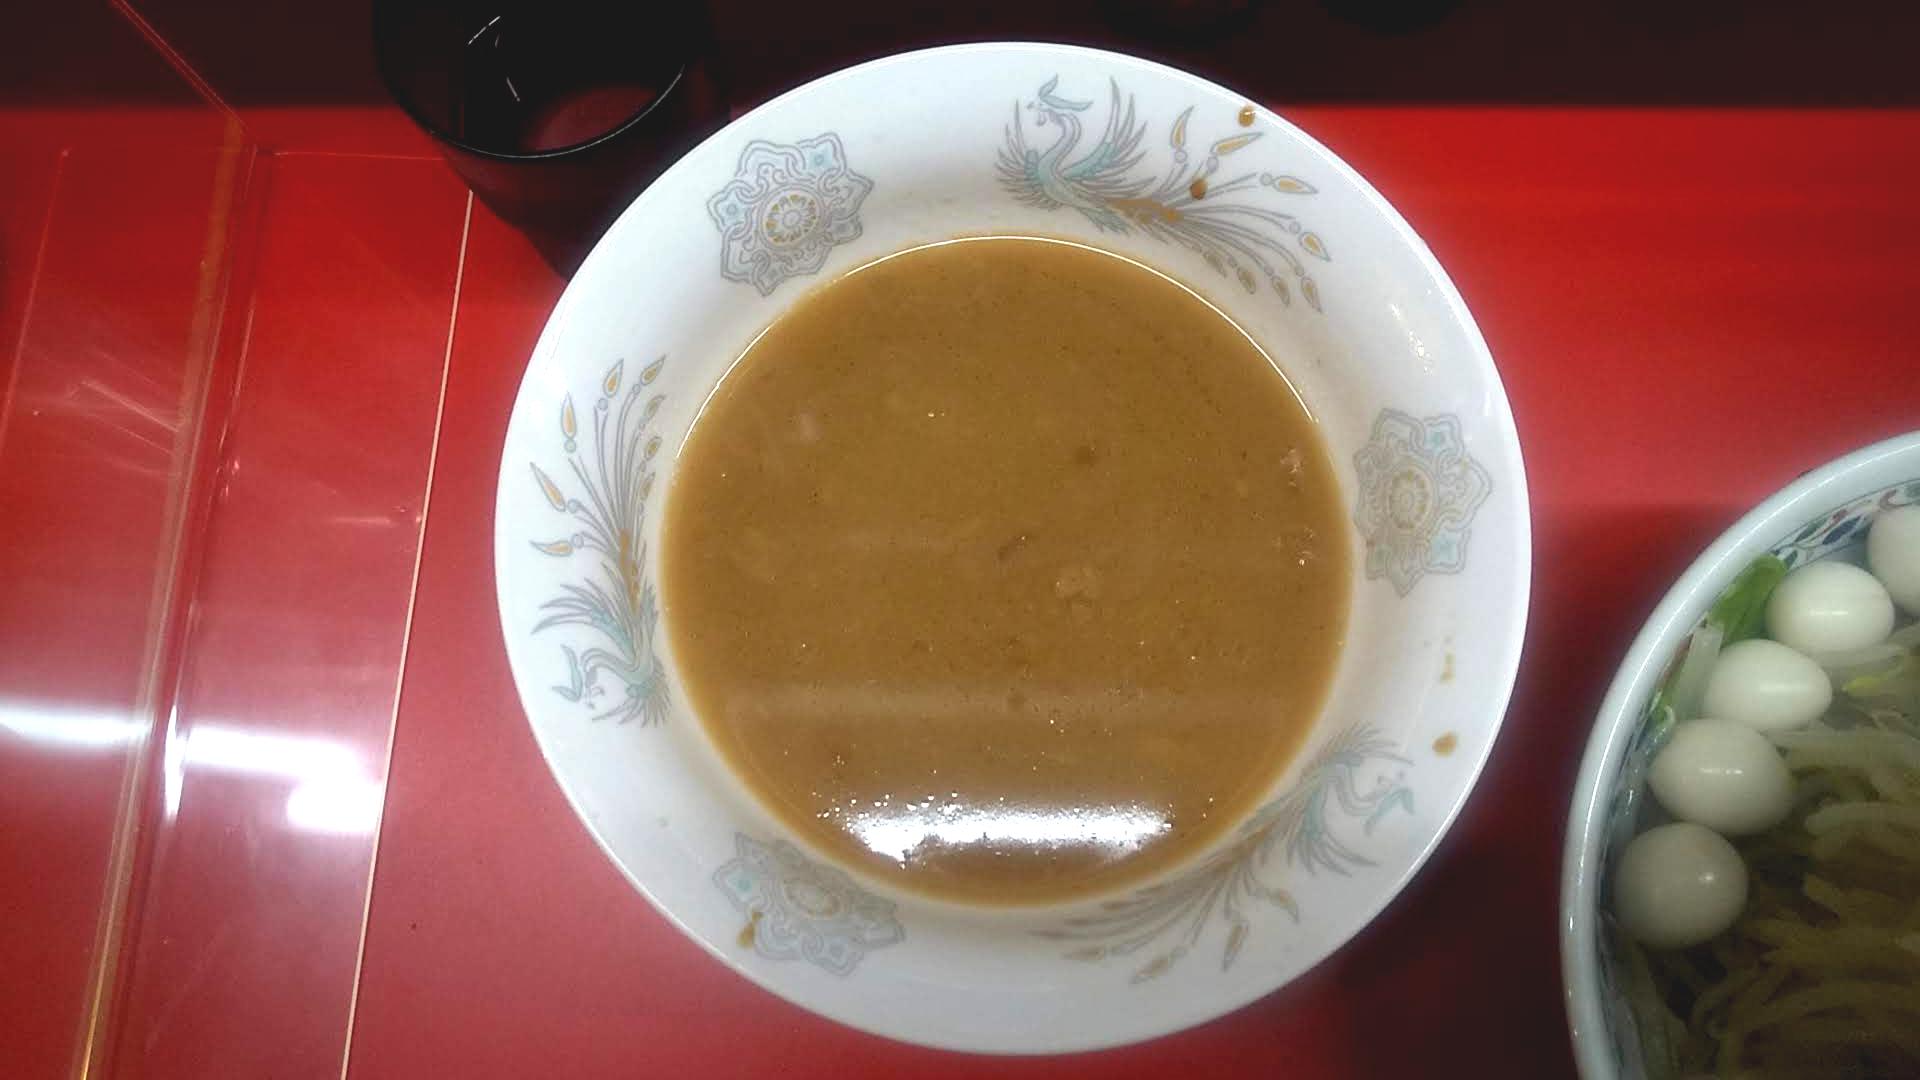 ハナイロモ麺のつけ麺小のつけ汁の写真